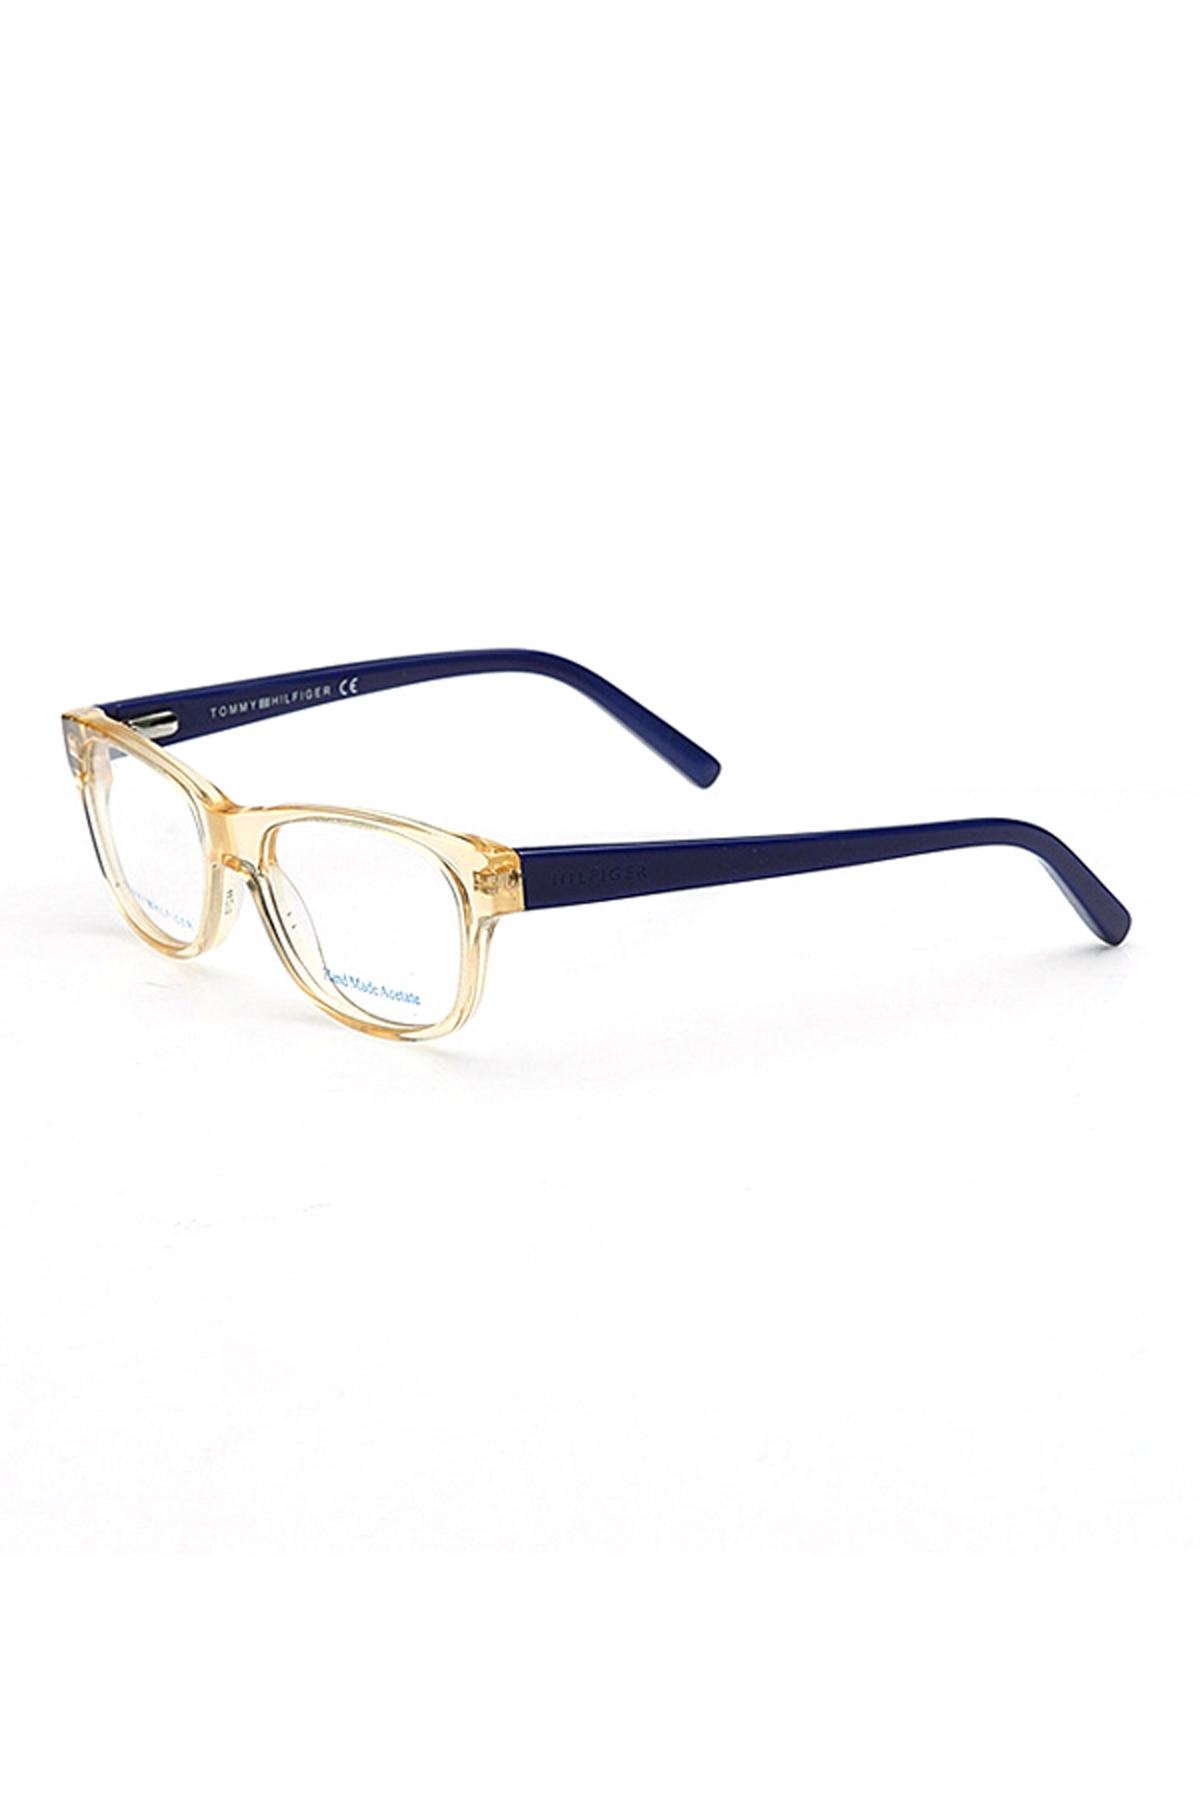 Marco de gafas de lectura para niños Markamilla, gafas de demostración, gafas transparentes de alta calidad para niños THF 1075 W0P 4